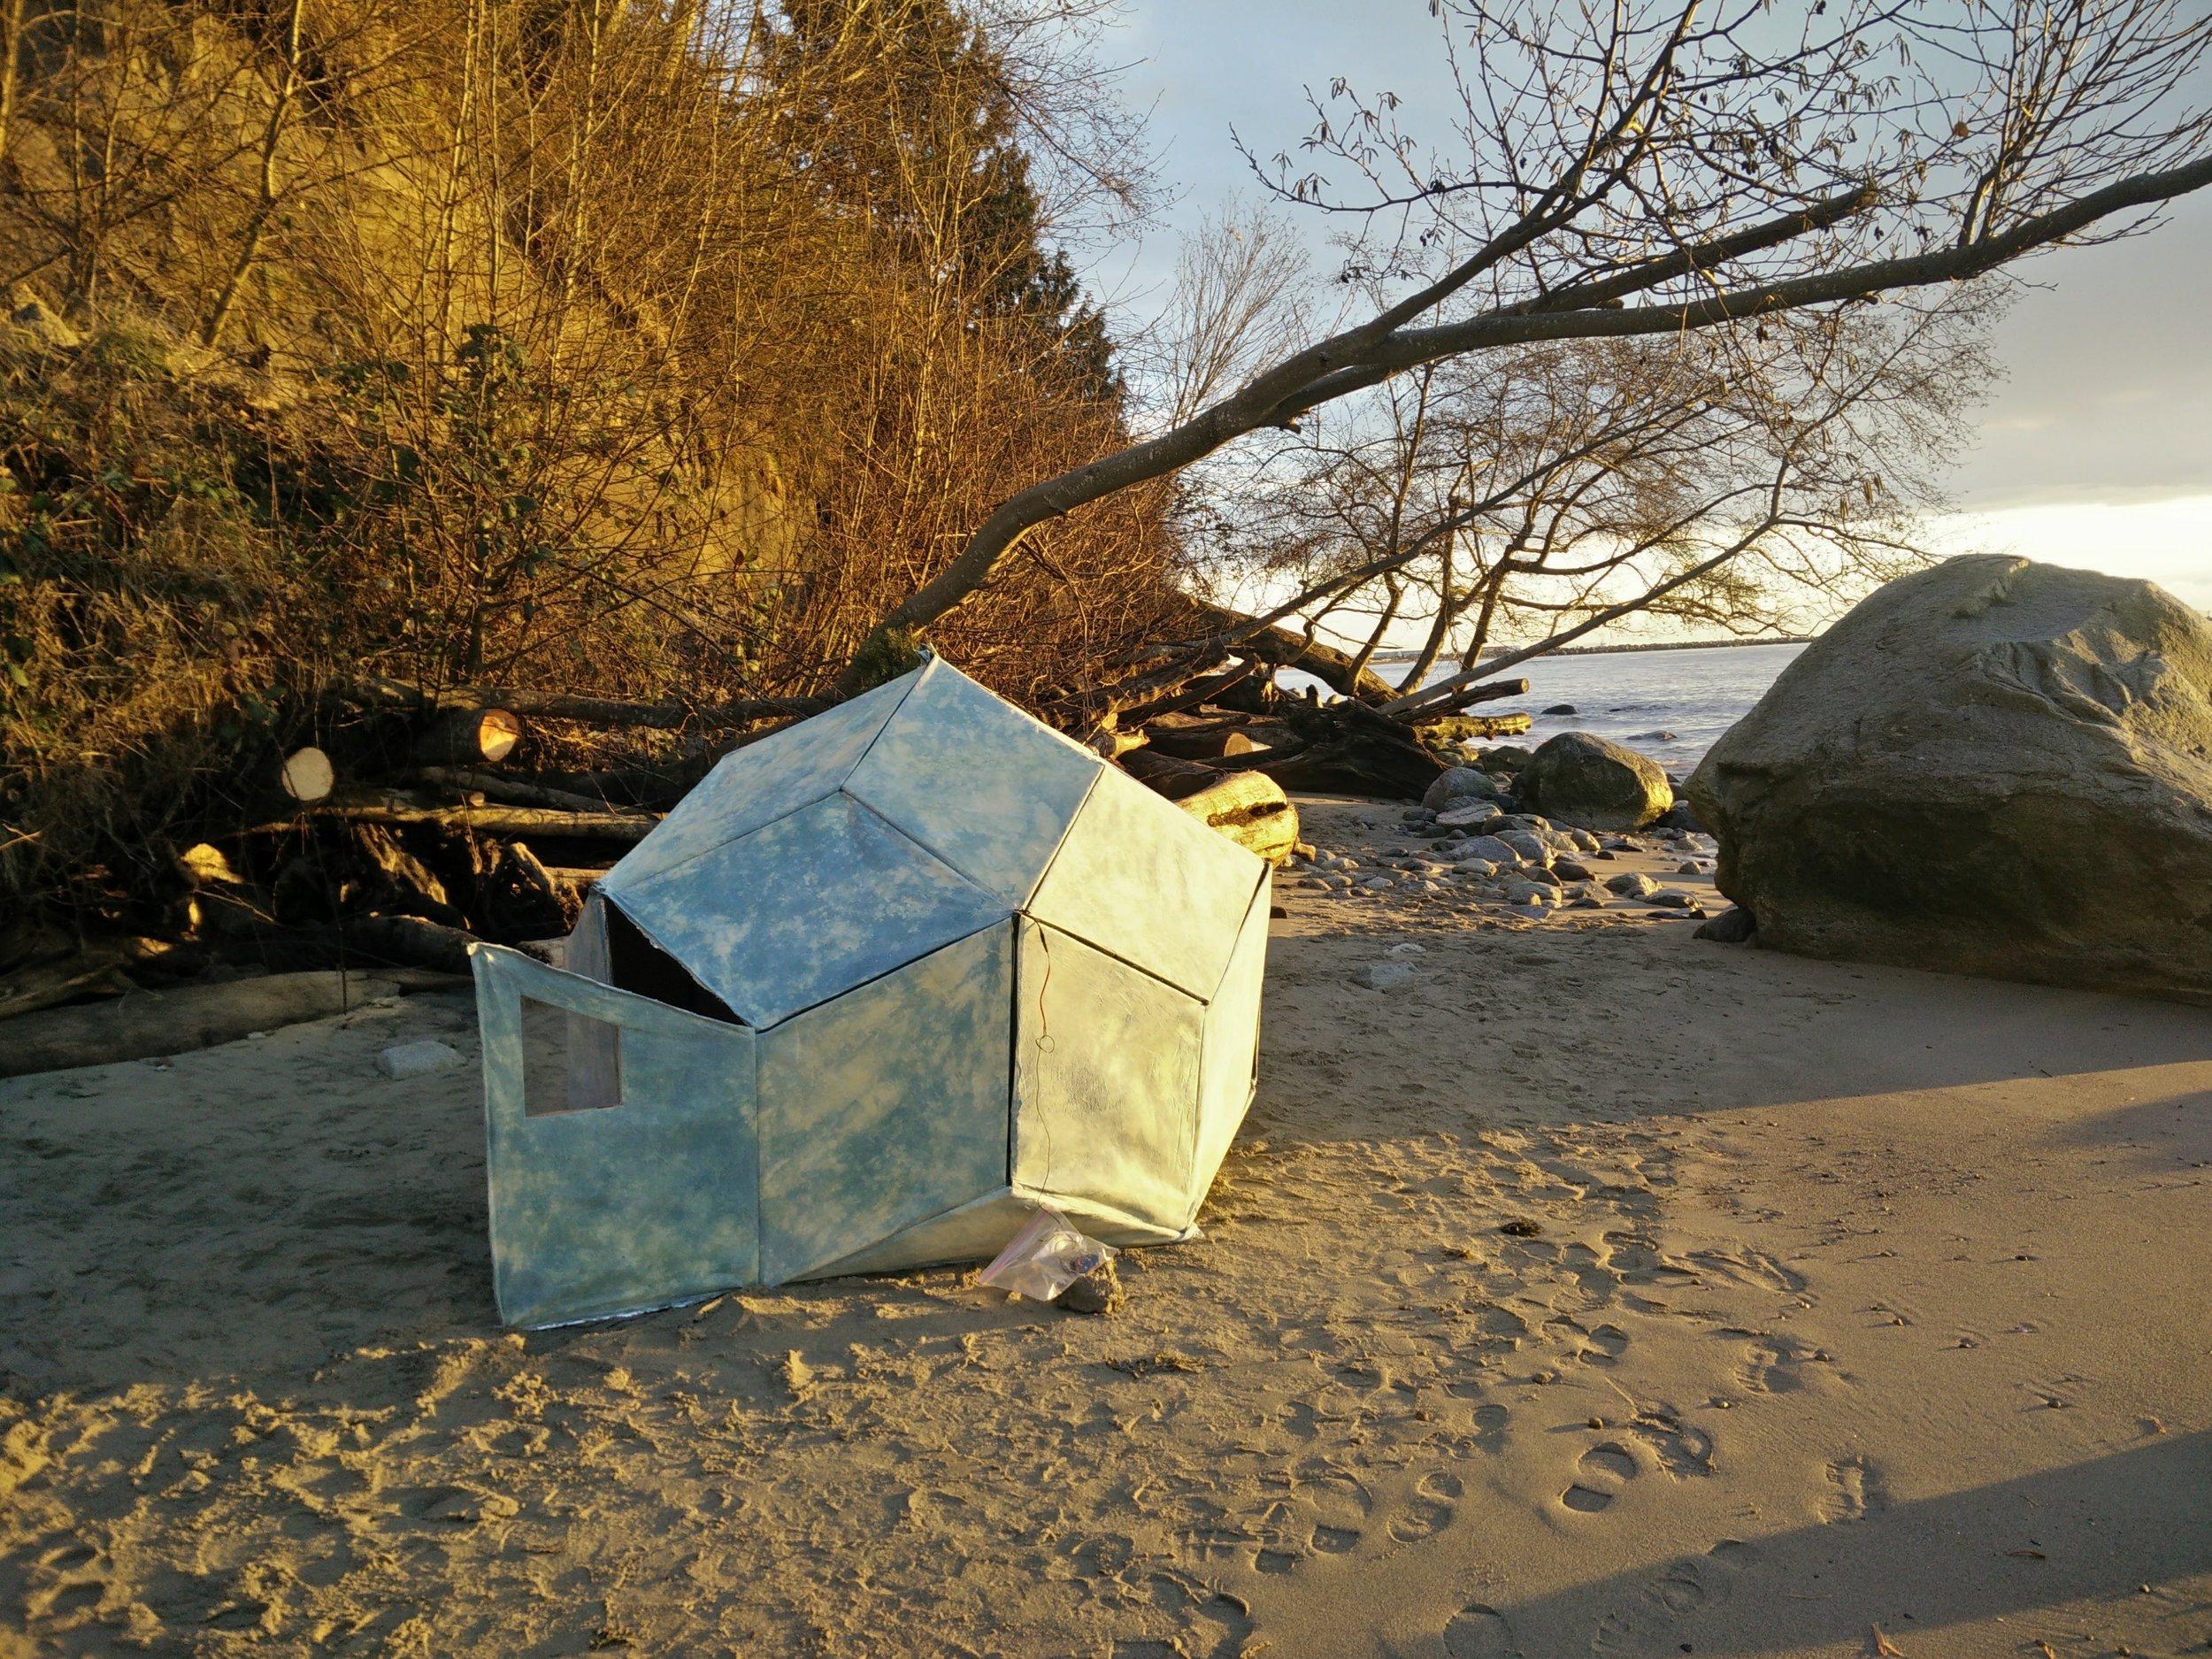 Cloud House - a Sauna on the beach